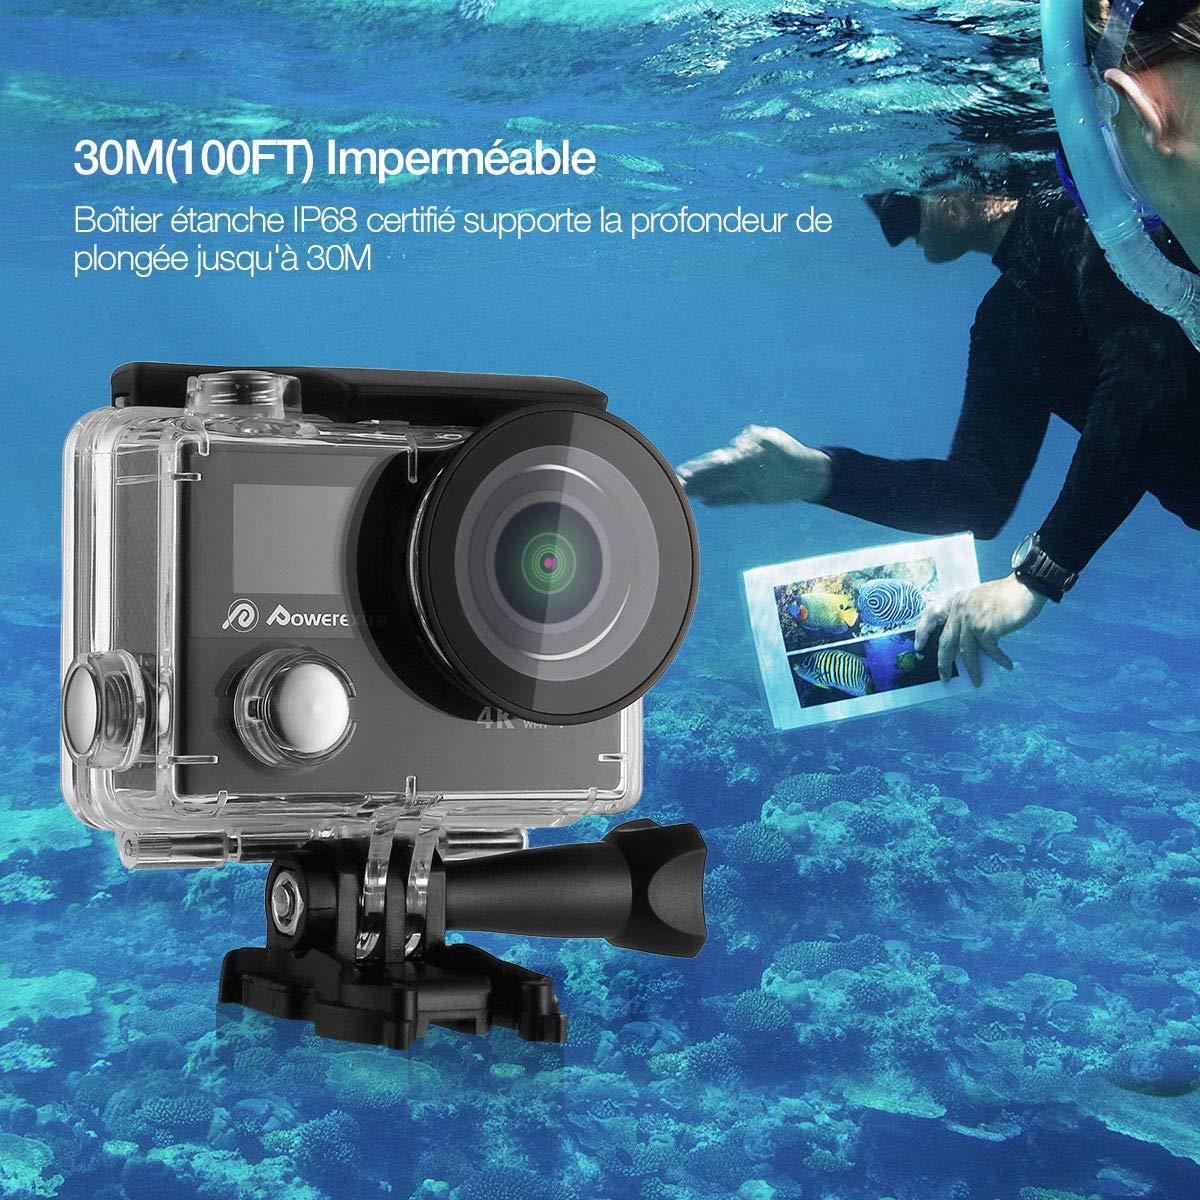 Powerextra Caméscope Sport 4K Caméscope Sport Caméra d'Action Appareil Photo Ultra HD 1080p Casque Imperméable /2 Inch Ecran LCD /Grand Angle 170°/12MP & WIFI /Étanche 30M /2.4G Télécommande/19 KITS Accessories